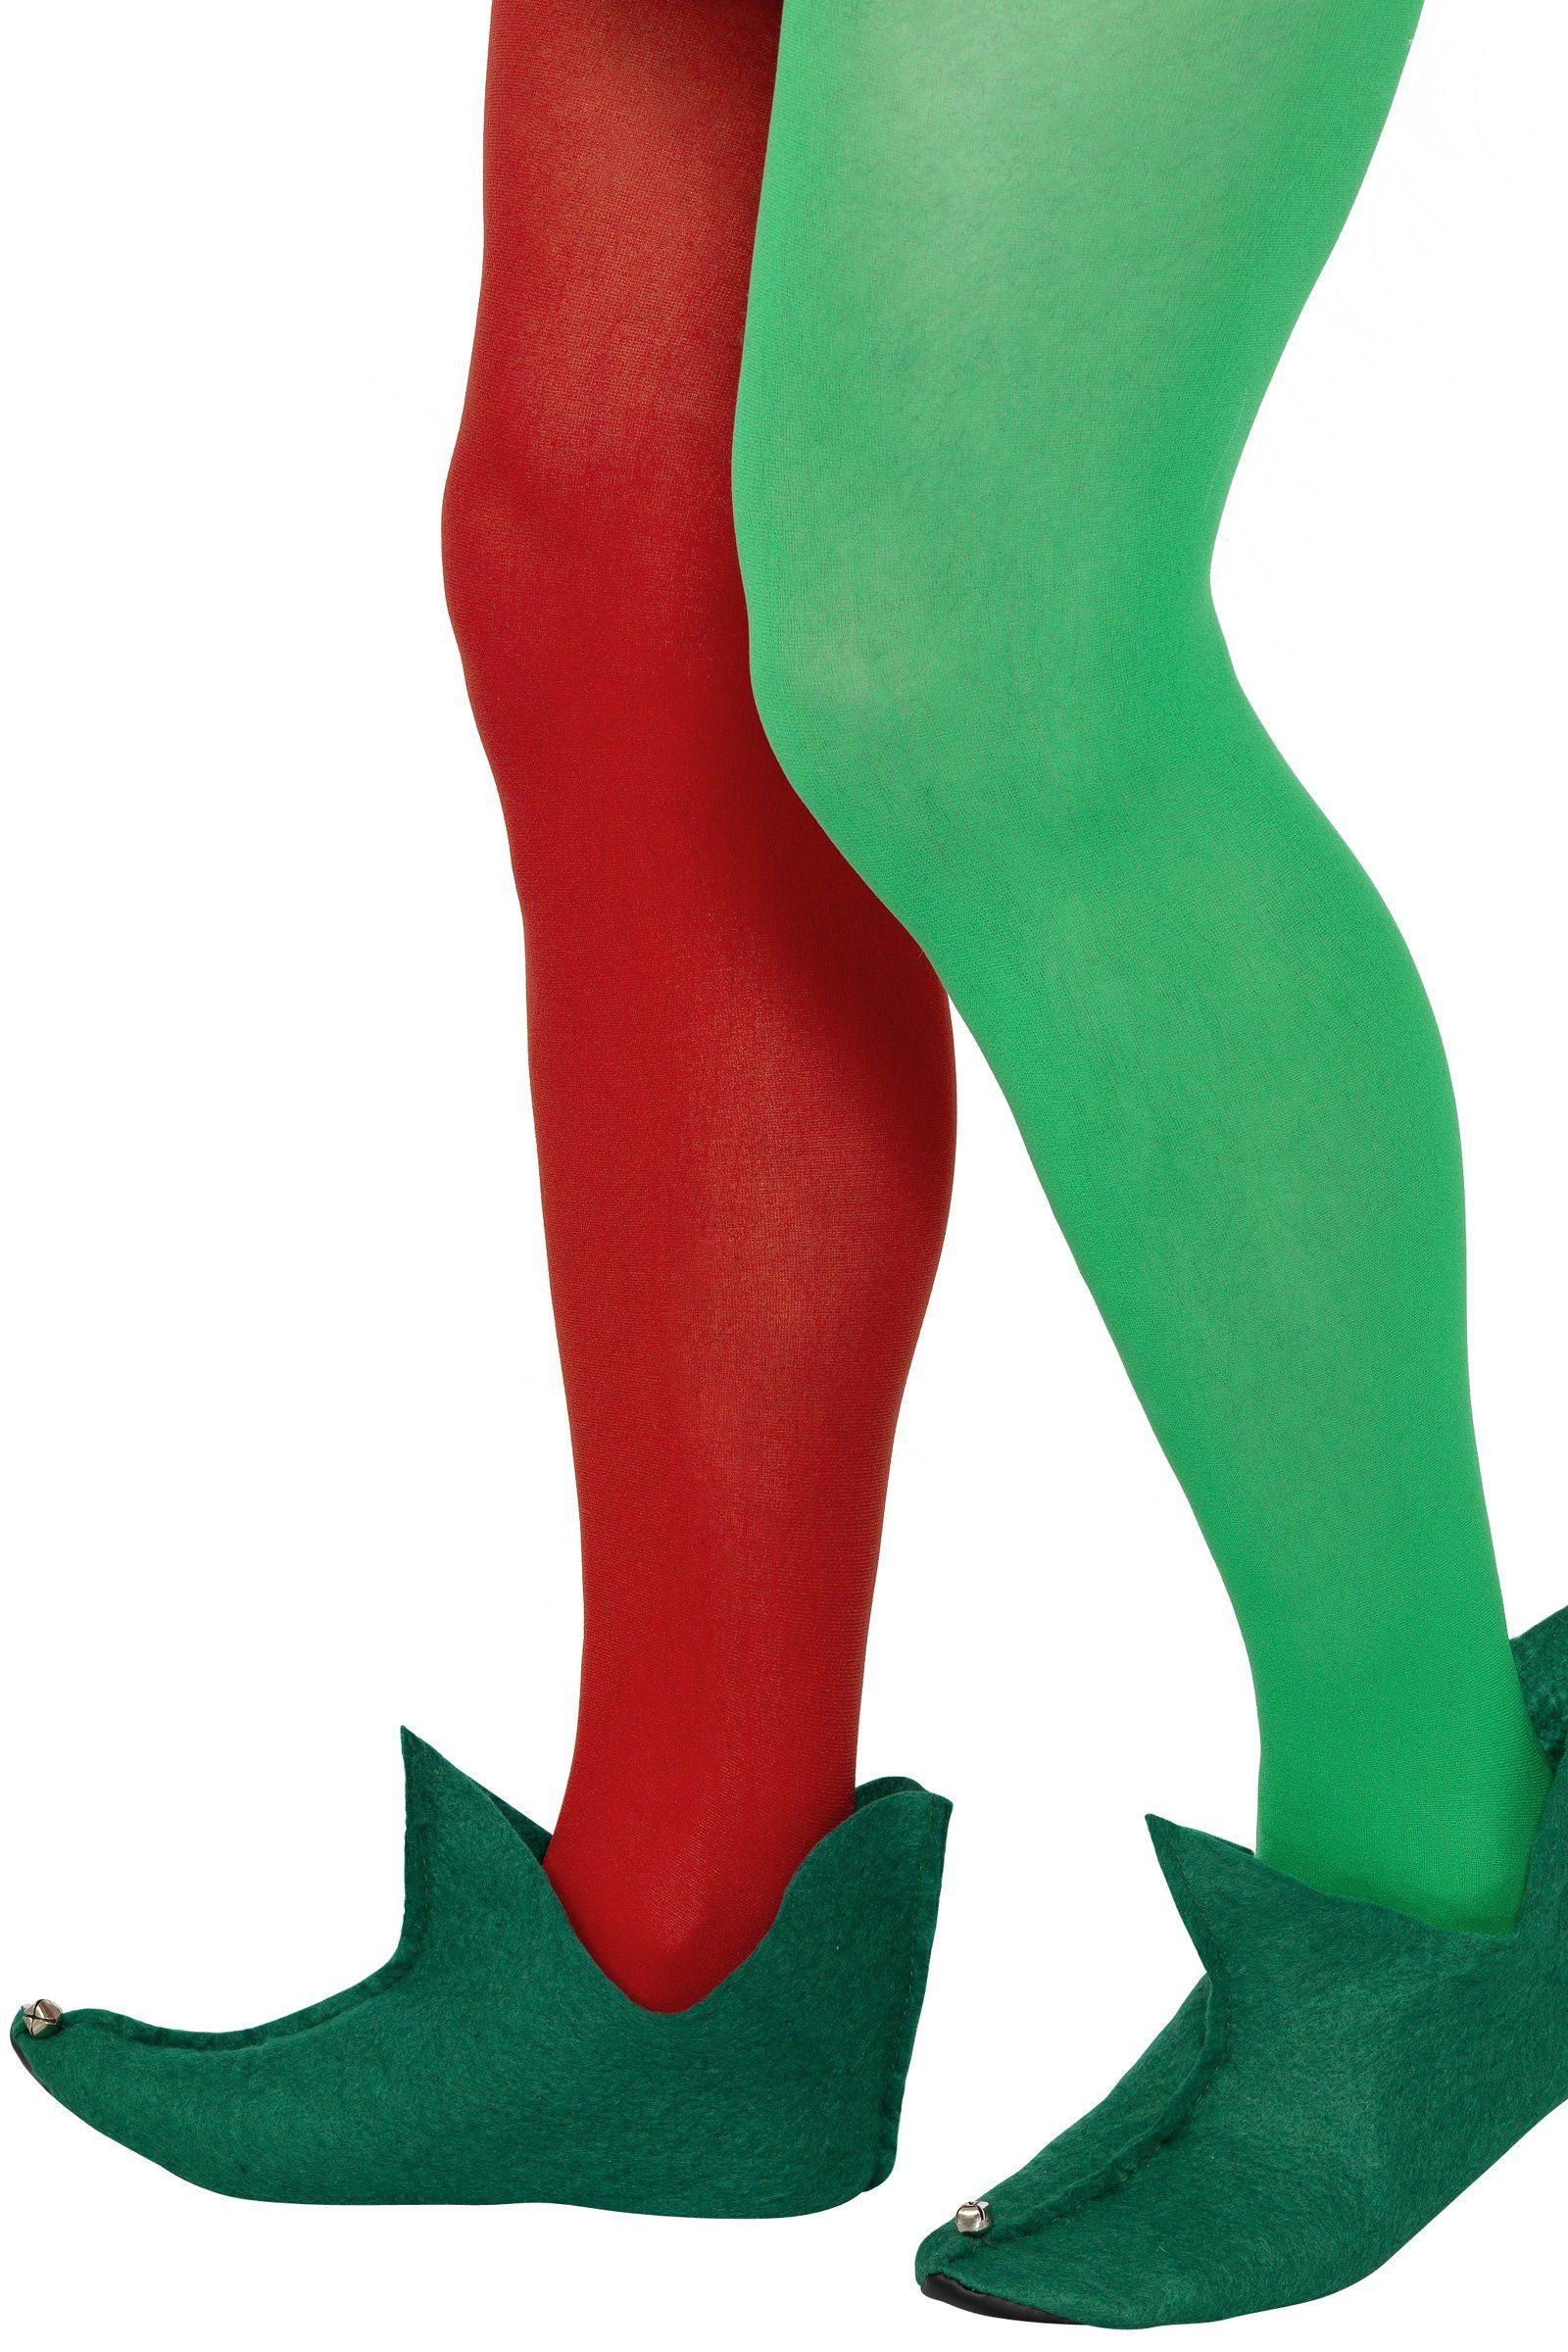 Zapatos De Duende De Navidad Para Adulto Zapatos De Duende Zapatos De Elfo Traje De Duende